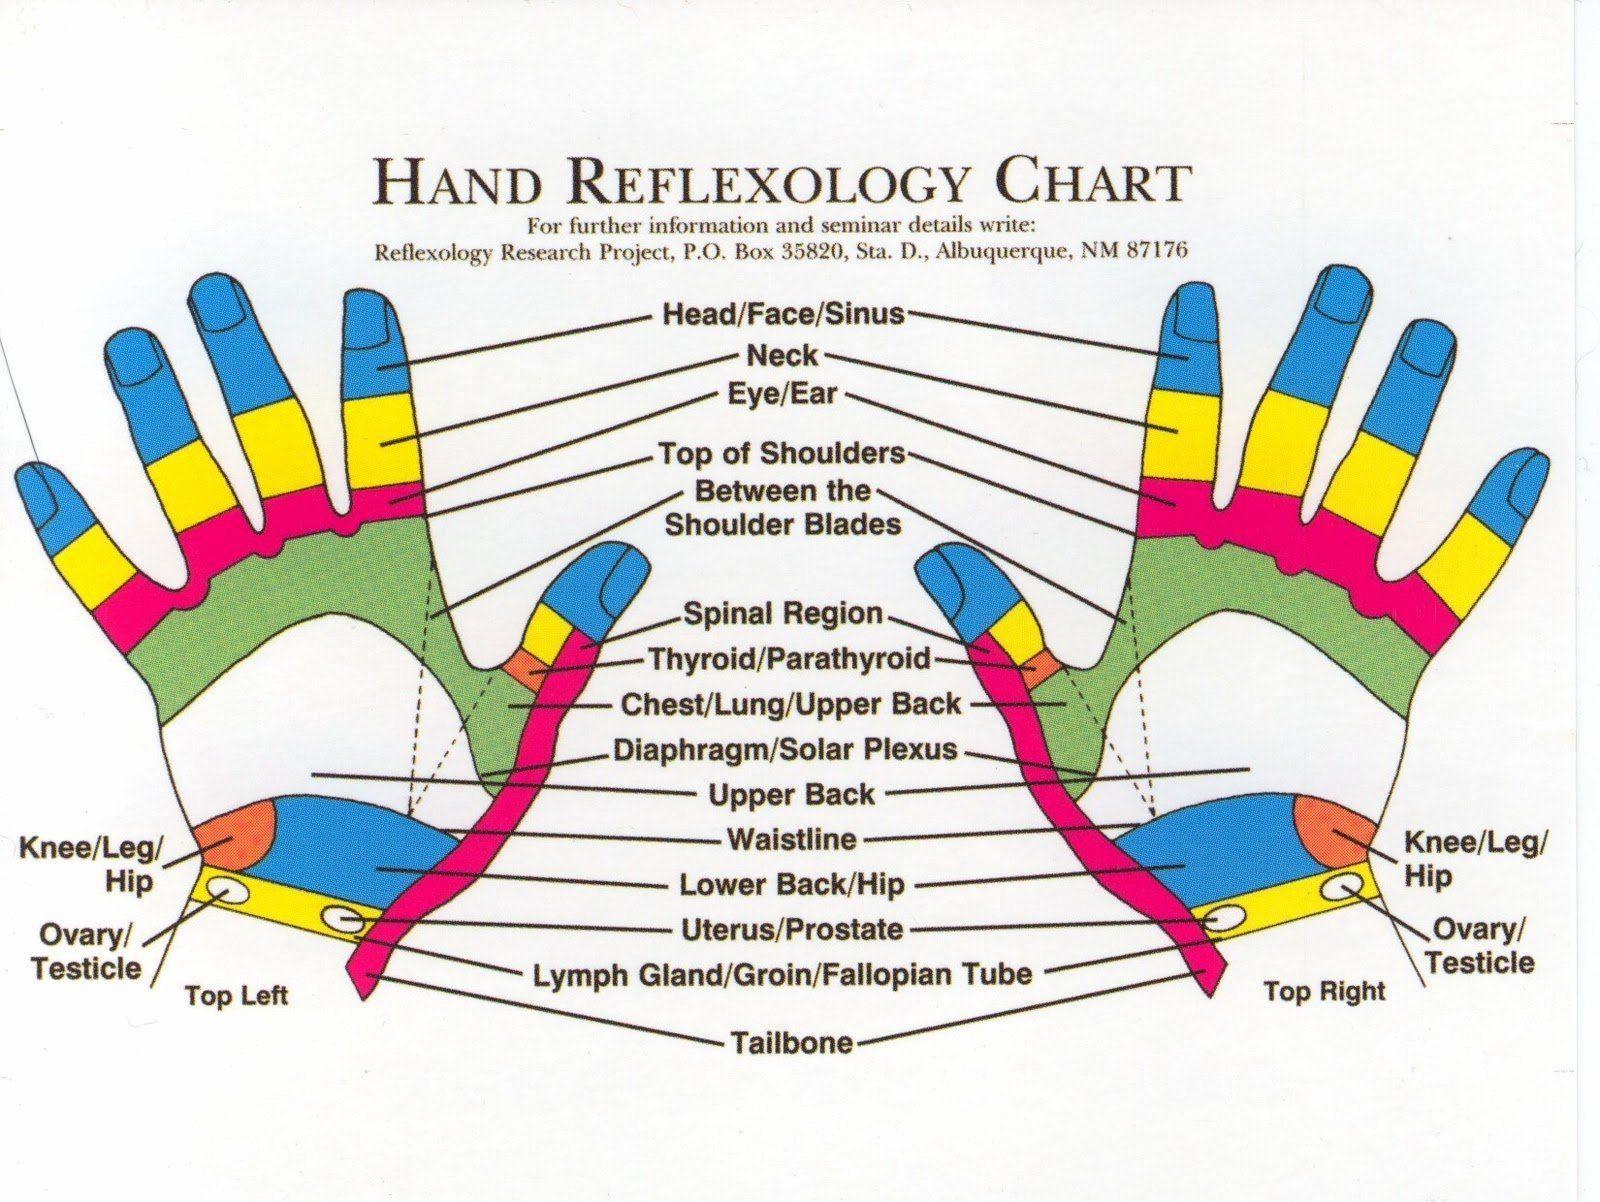 Free Reflexology Foot Chart New Reflexology Products Hand Reflexology Charts Personalized In 2020 Reflexology Chart Reflexology Hand Chart Hand Reflexology